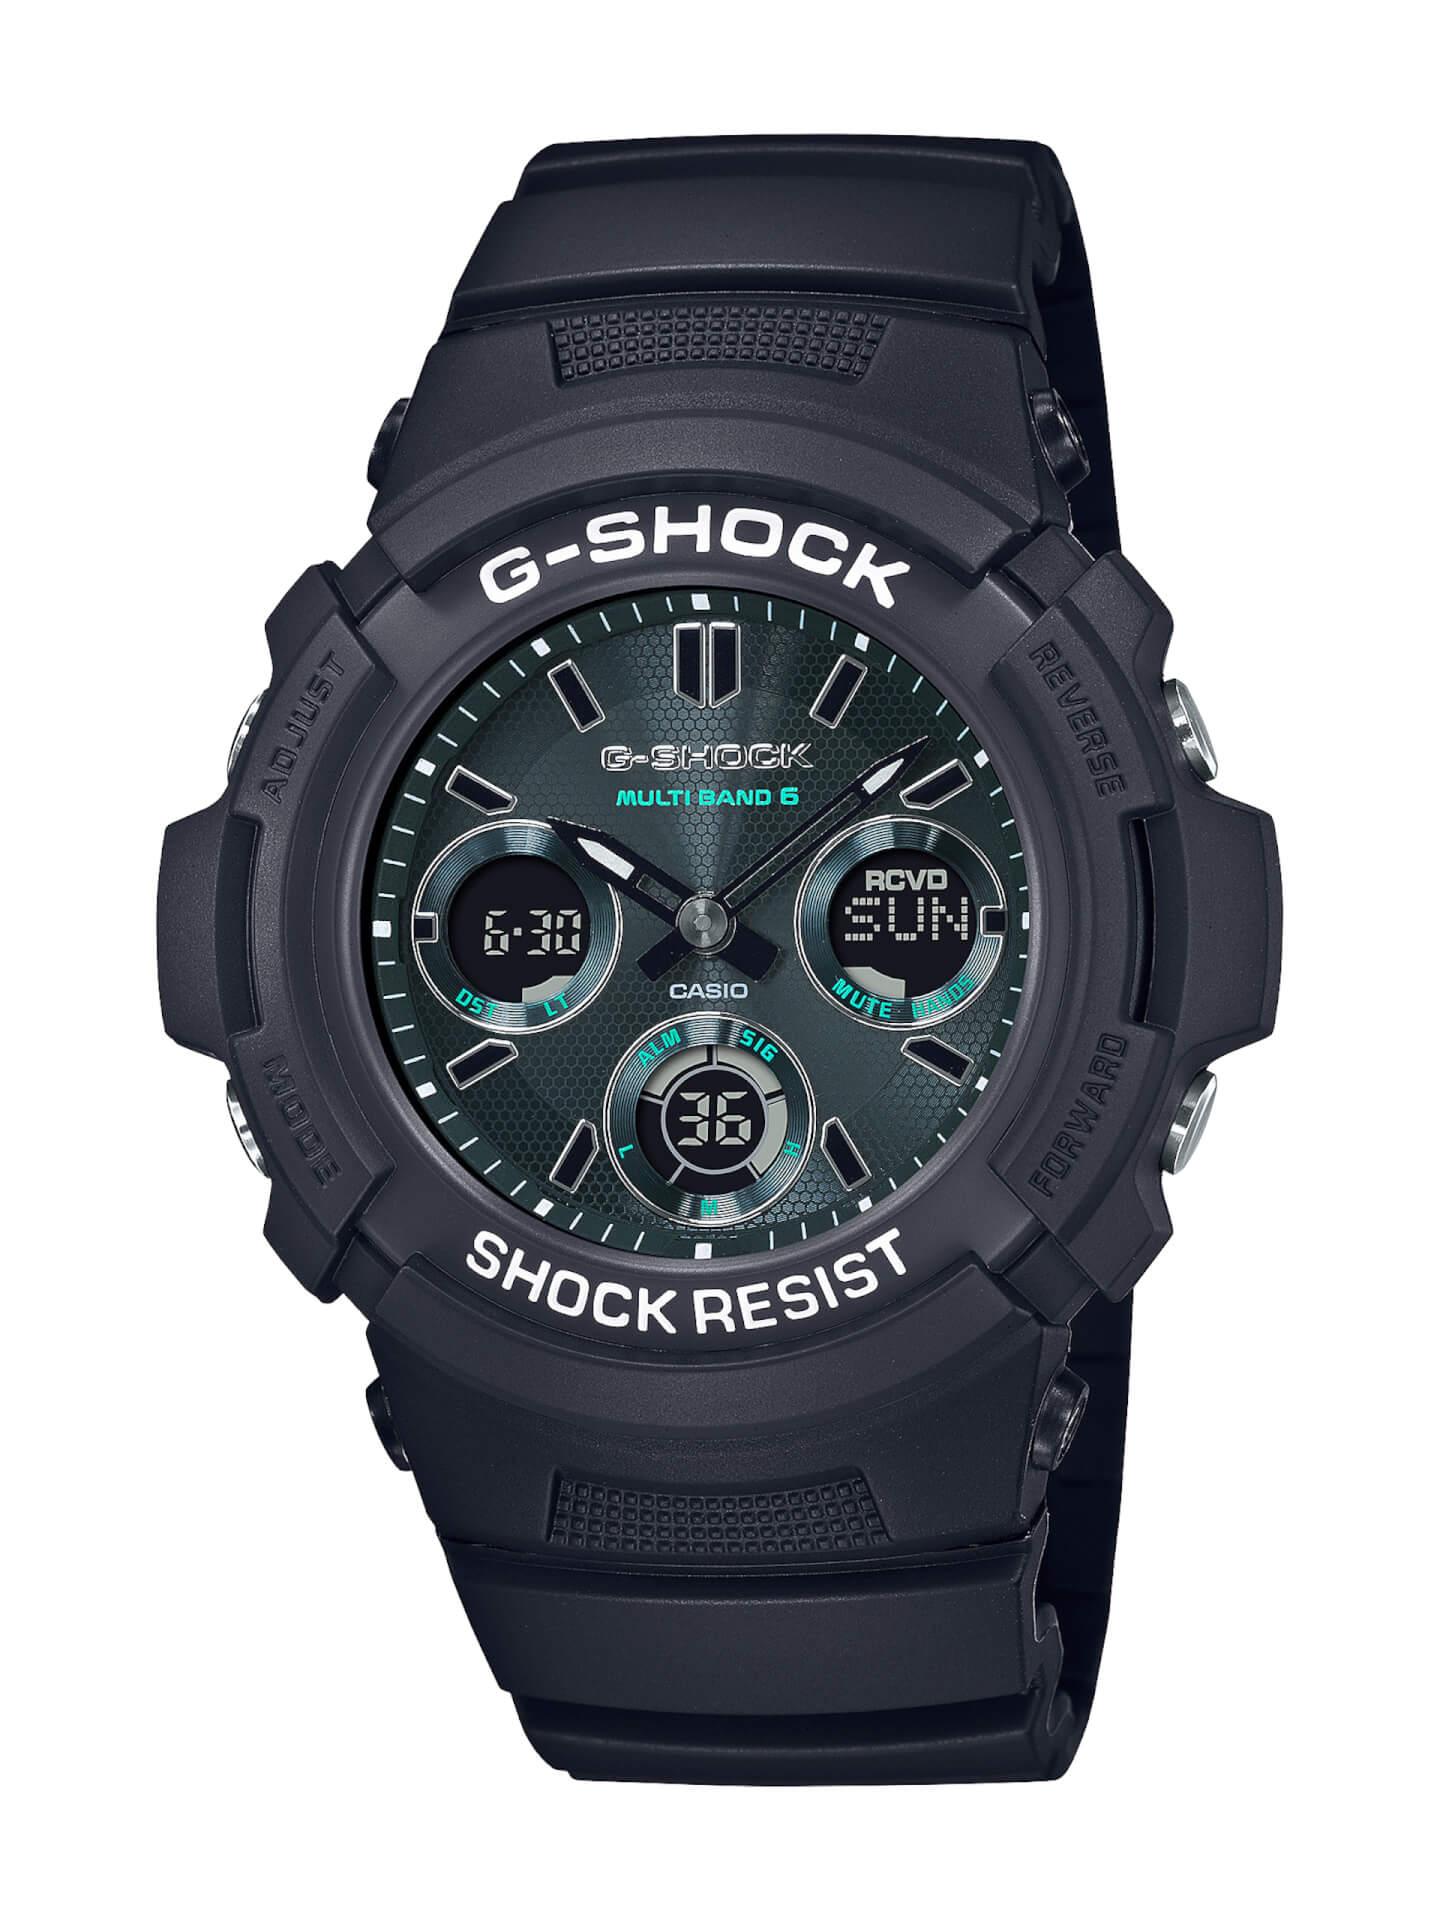 ブラック×グリーンが映えるG-SHOCKの新シリーズ「Black and Green Series」が登場! tech210415_gshock_5